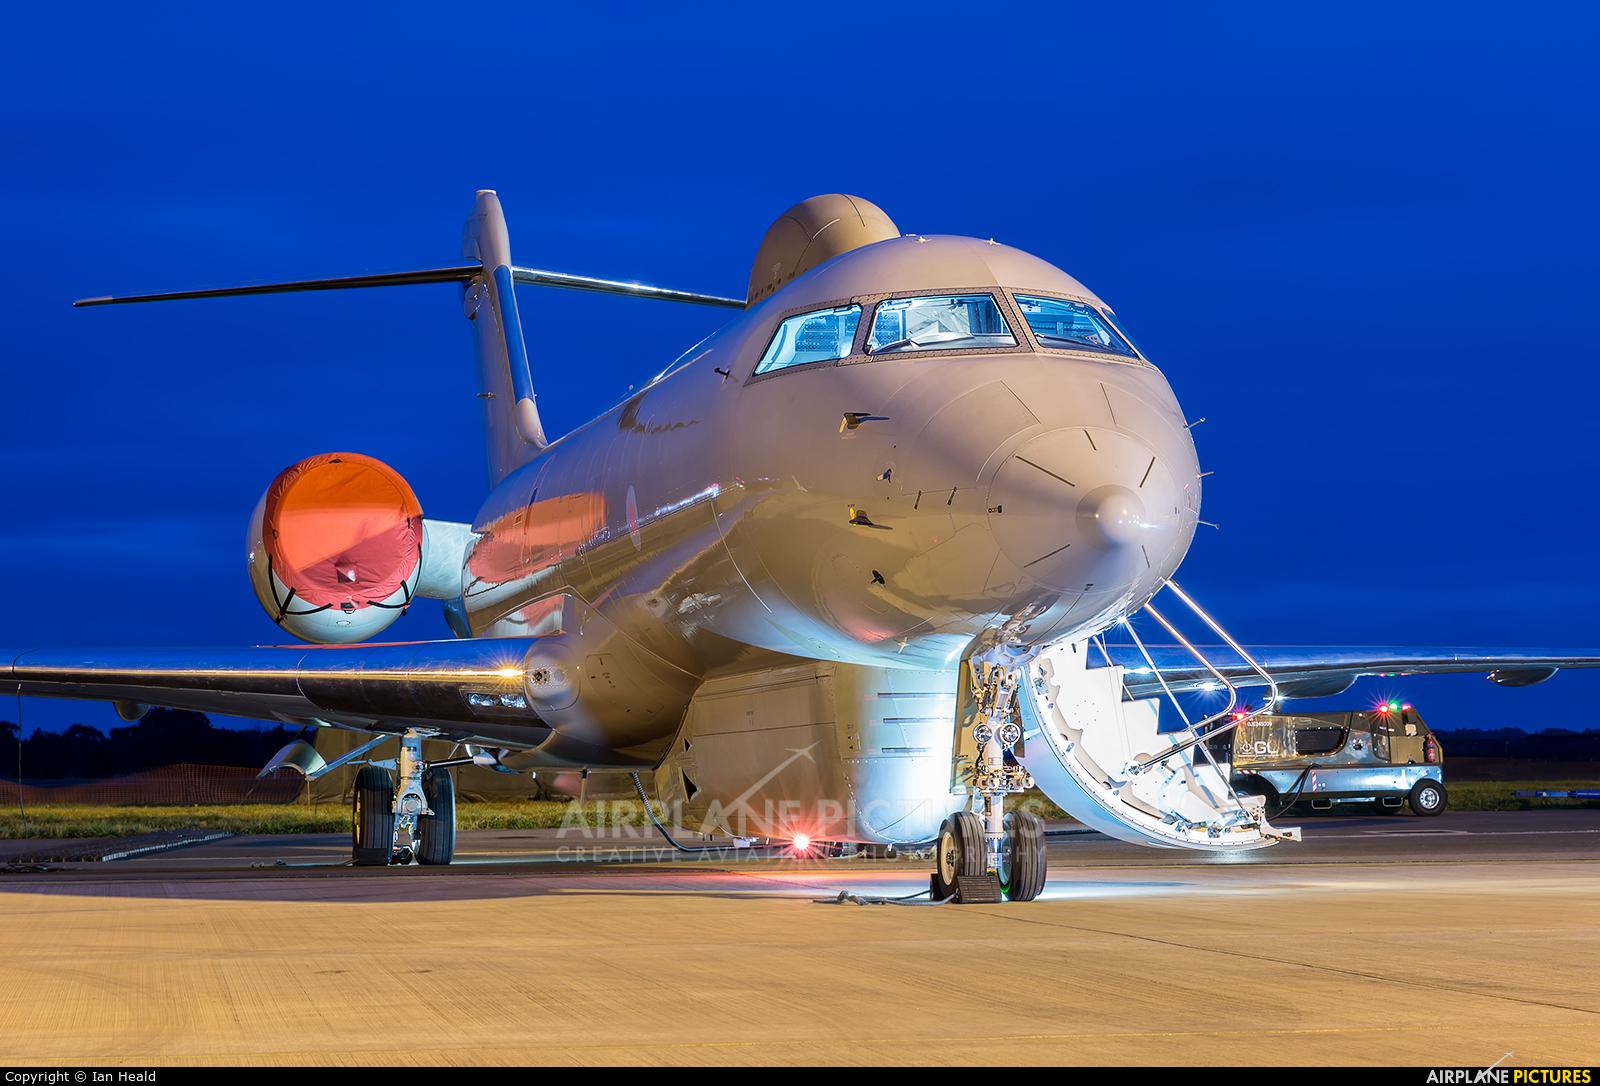 Royal Air Force ZJ691 aircraft at Waddington